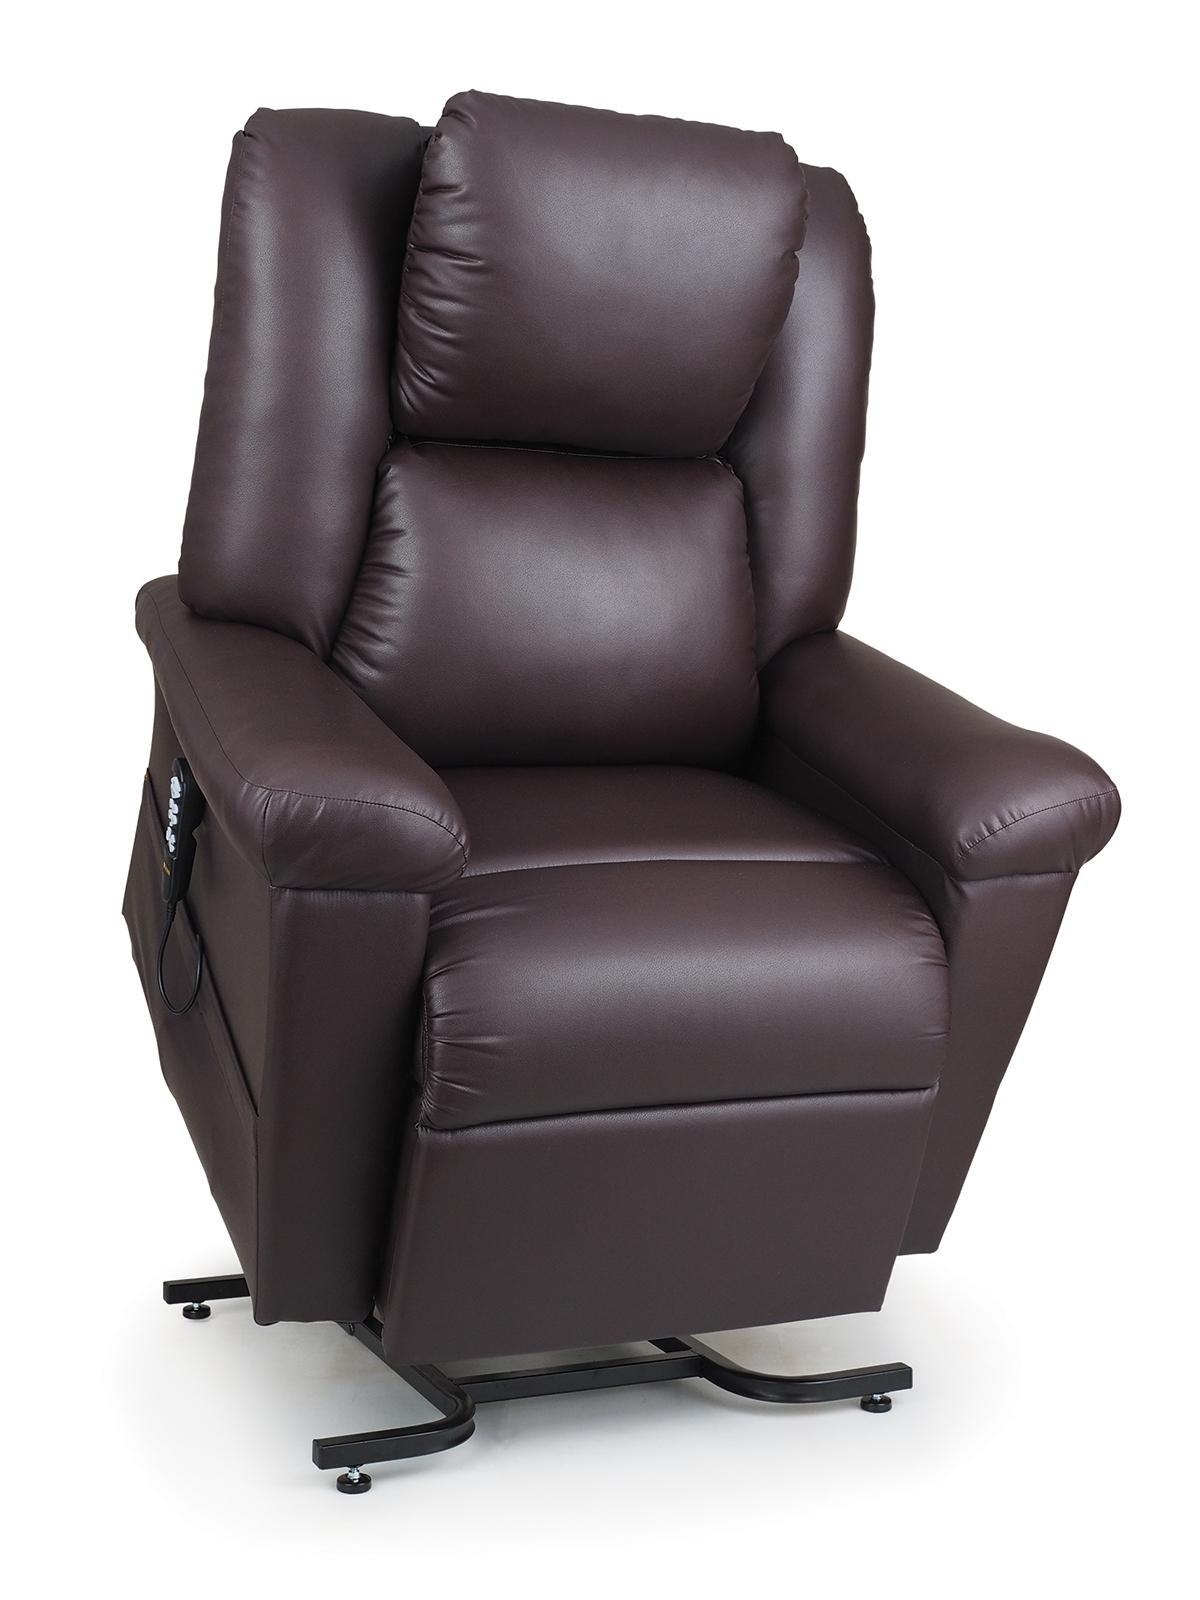 Golden MaxiComfort DayDreamer (PR630) Lift Chair Parts